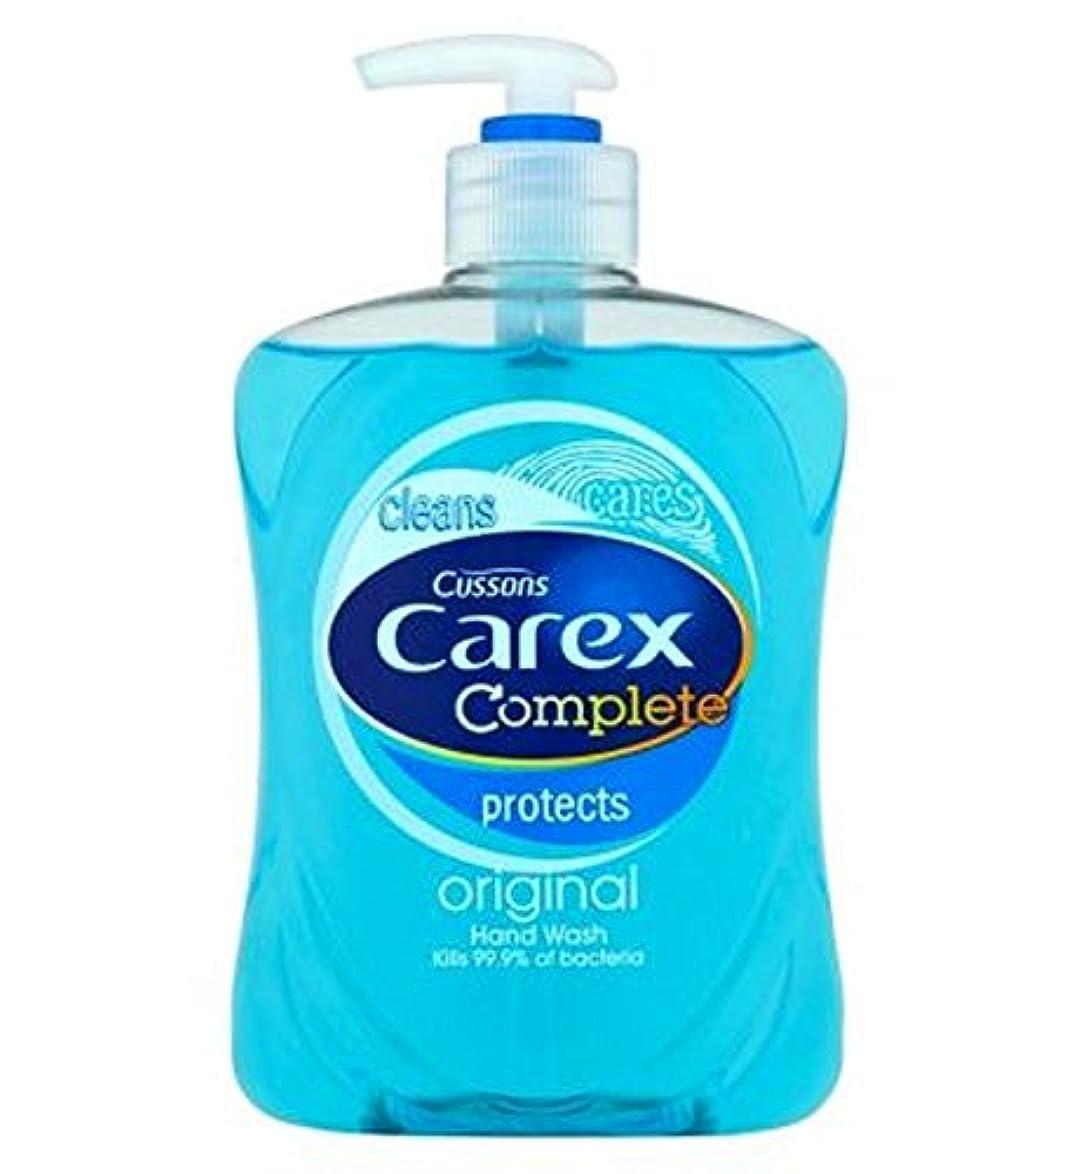 邪悪なビルマどのくらいの頻度でCarex Complete Original Hand Wash 500ml - スゲ属の完全オリジナルのハンドウォッシュ500ミリリットル (Carex) [並行輸入品]